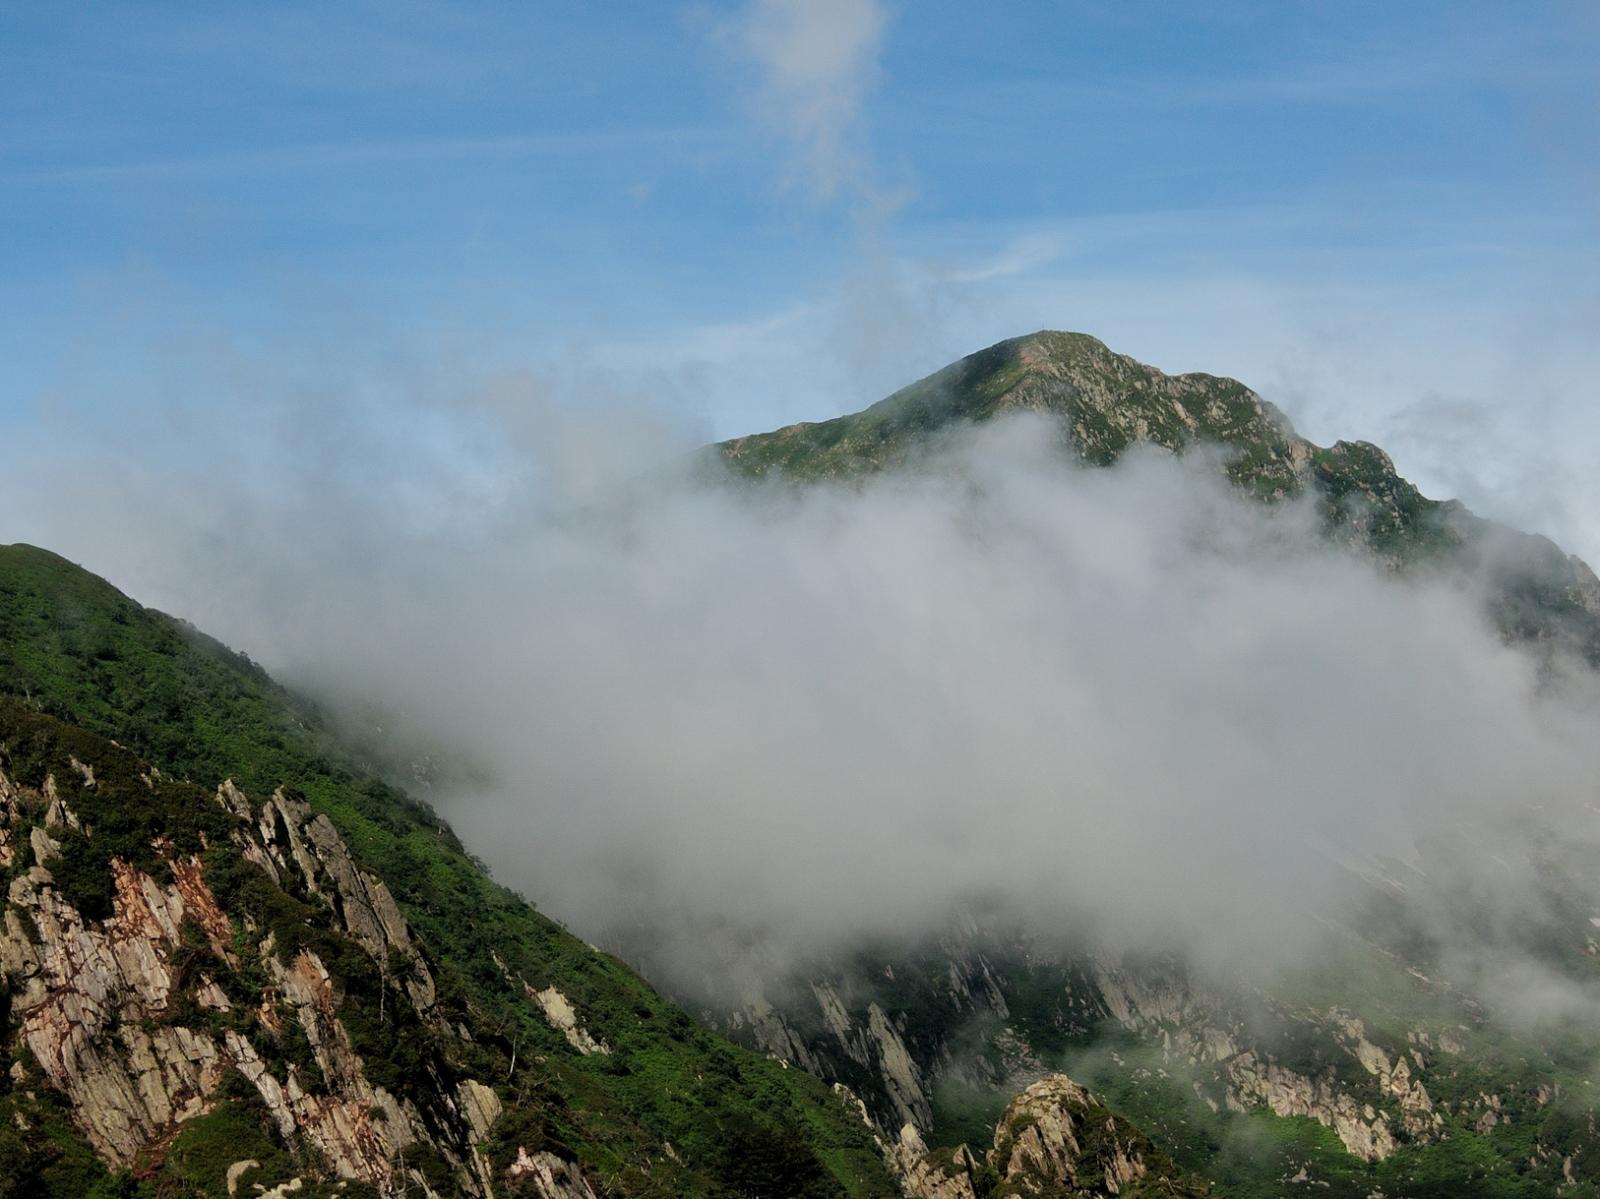 Monte Zeda tra le nuvole